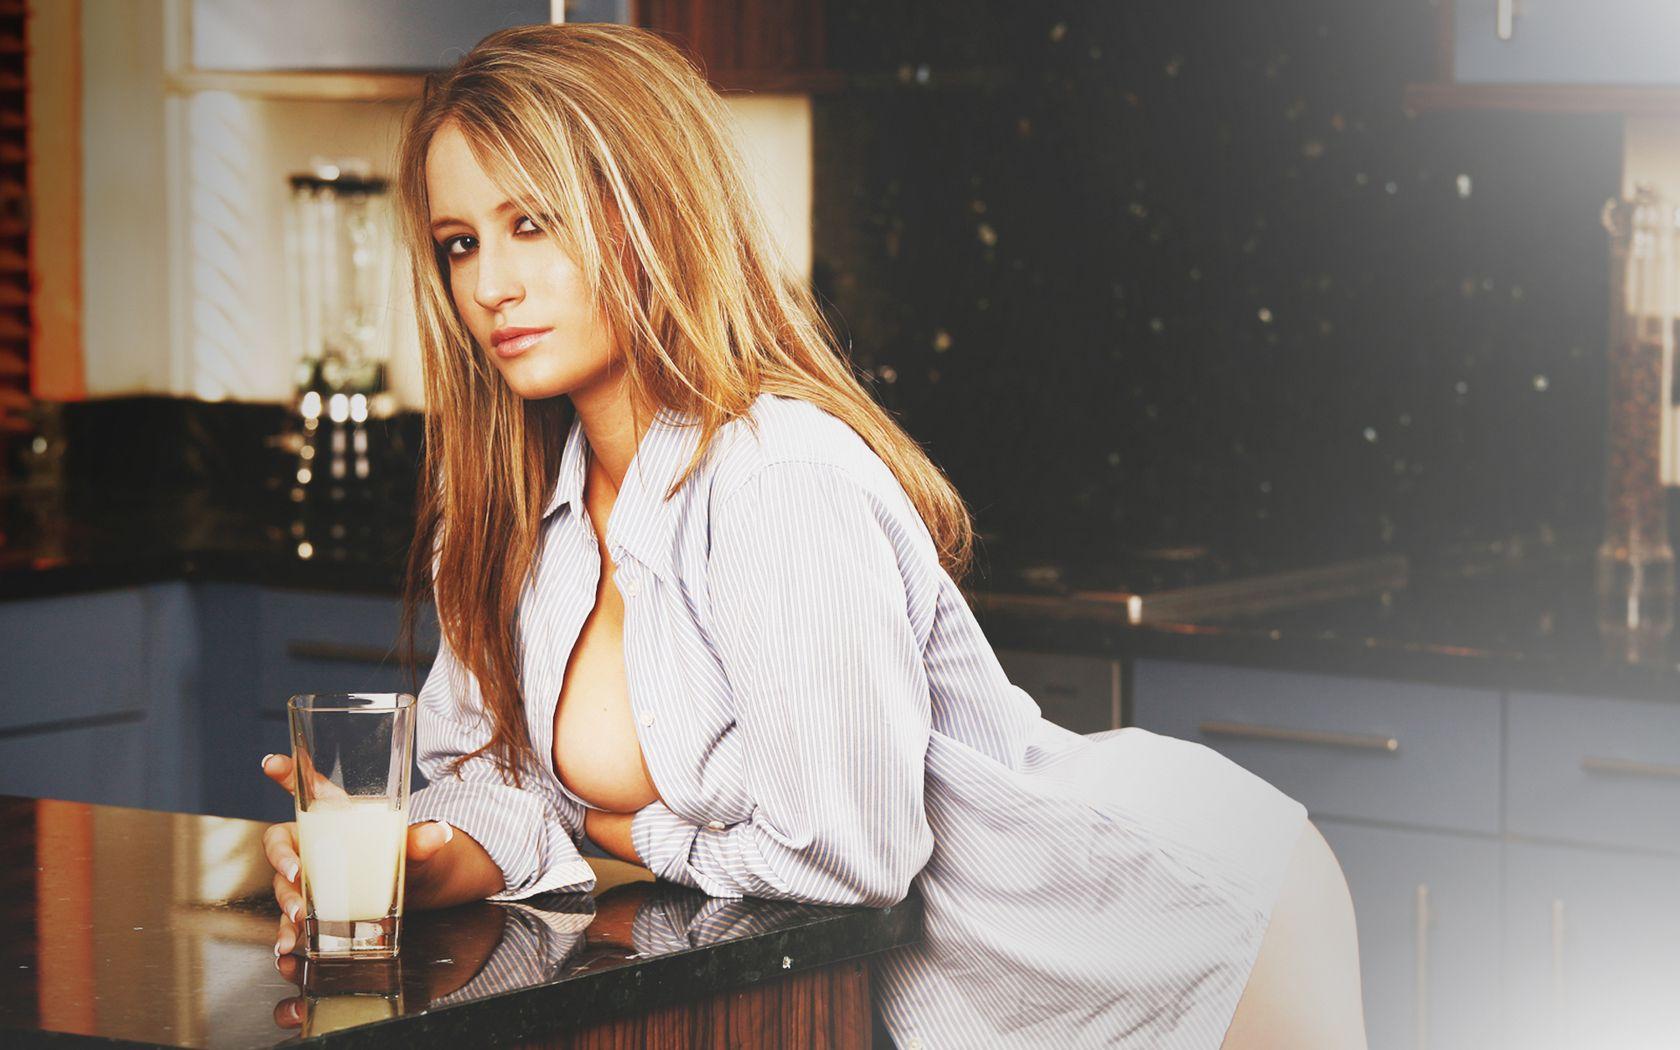 девушка в ночнушке на кухне